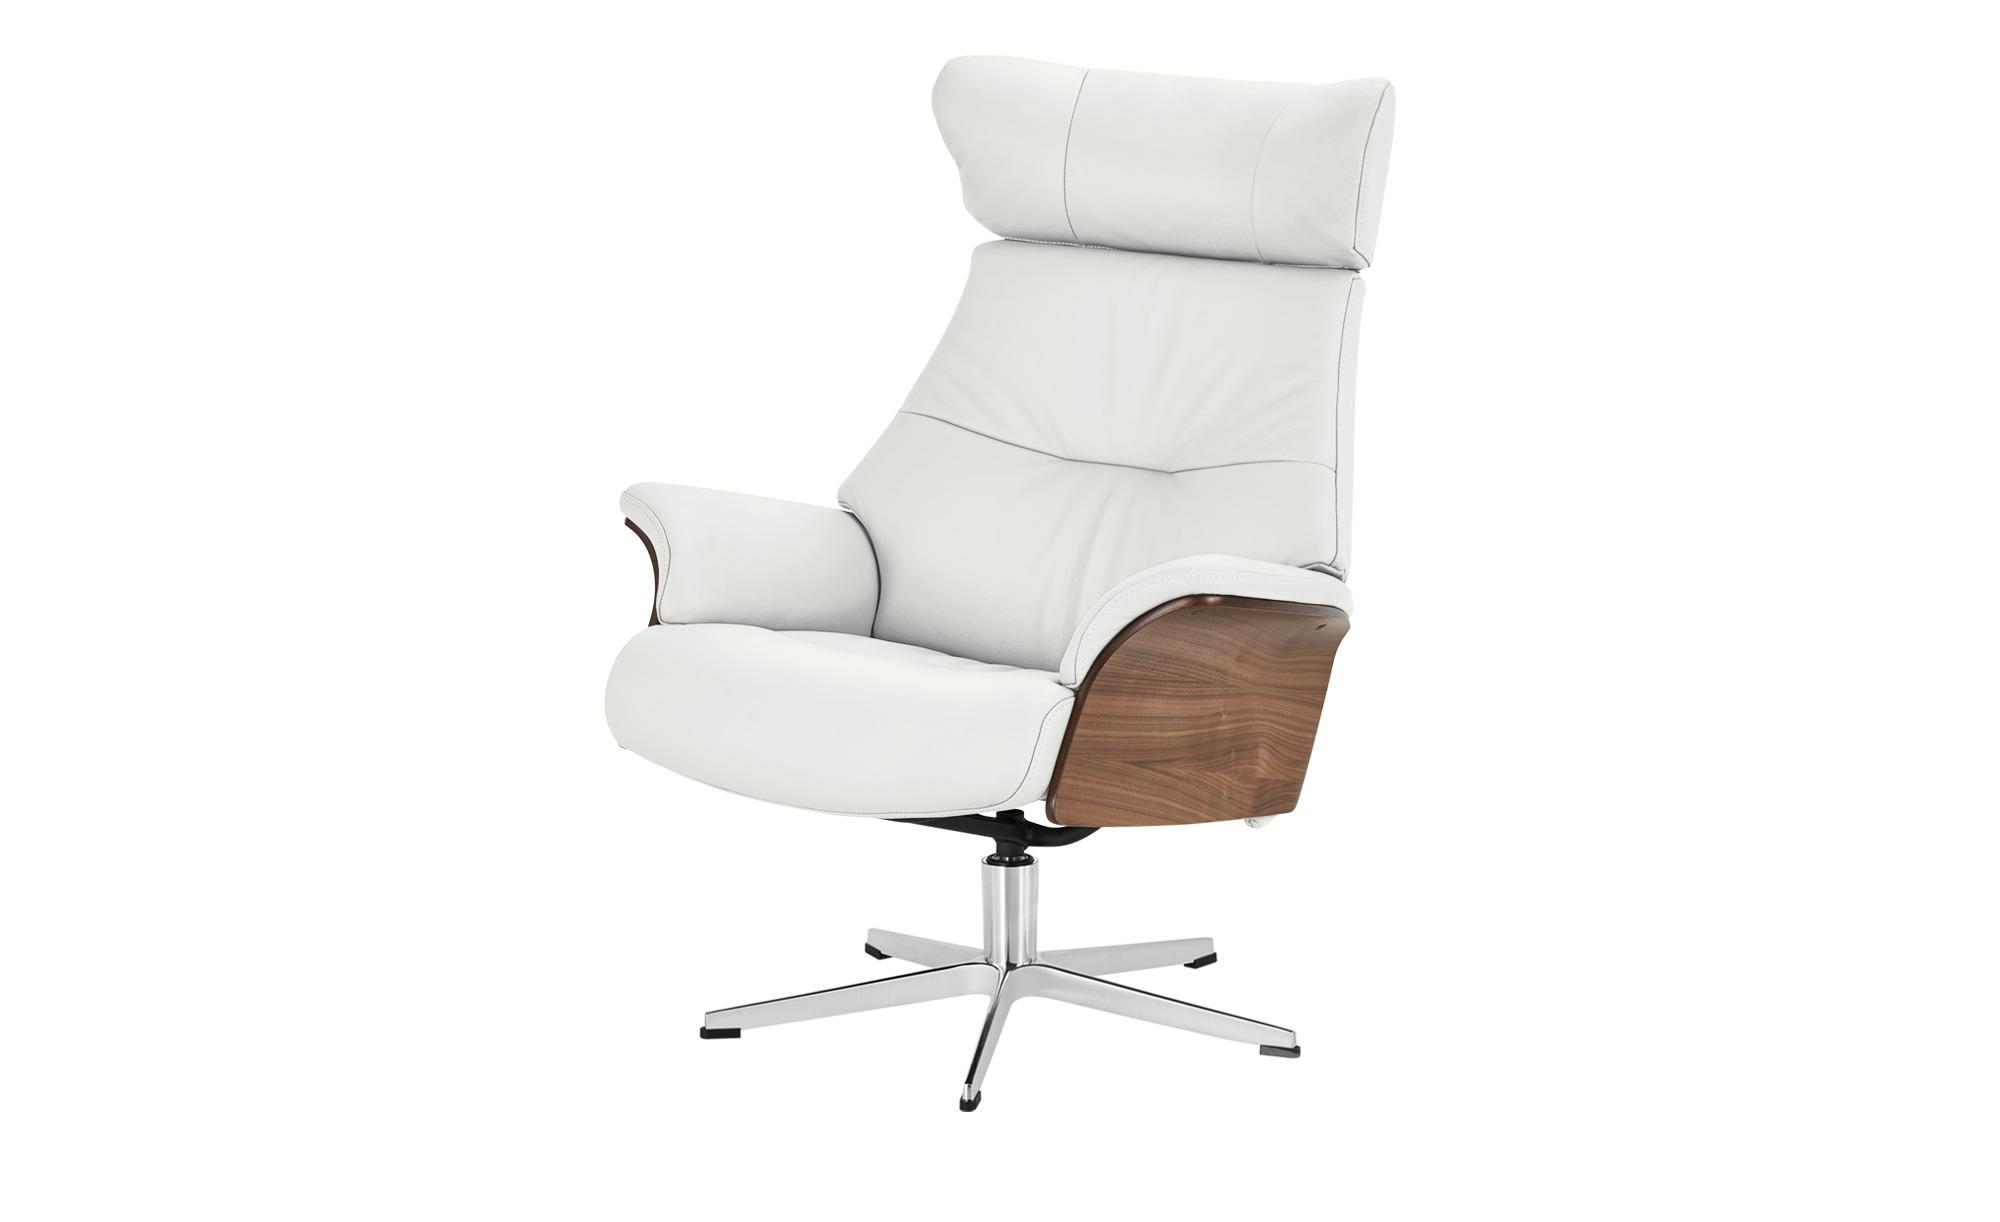 Relaxsessel Air, gefunden bei Möbel Höffner